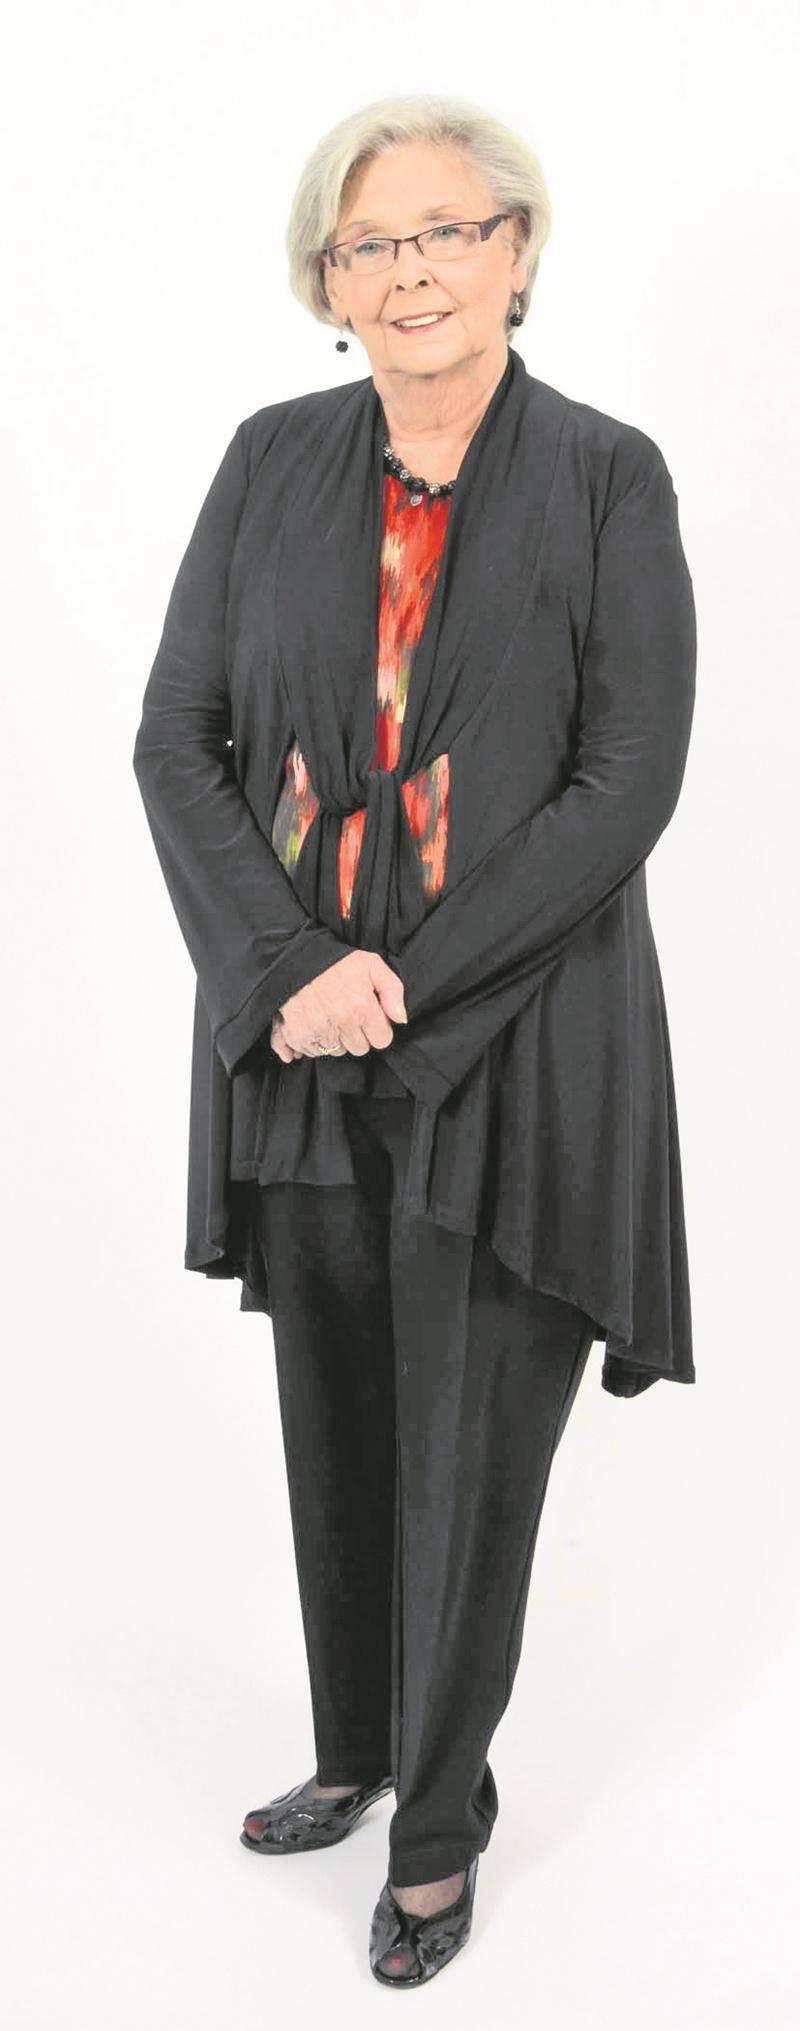 L'honorable Andrée Champagne sera bientôt membre de l'Ordre du Canada, en reconnaissance de son service civique en tant que parlementaire, son engagement envers la Francophonie et son importante contribution au théâtre et au petit écran. Photothèque Le Courrier